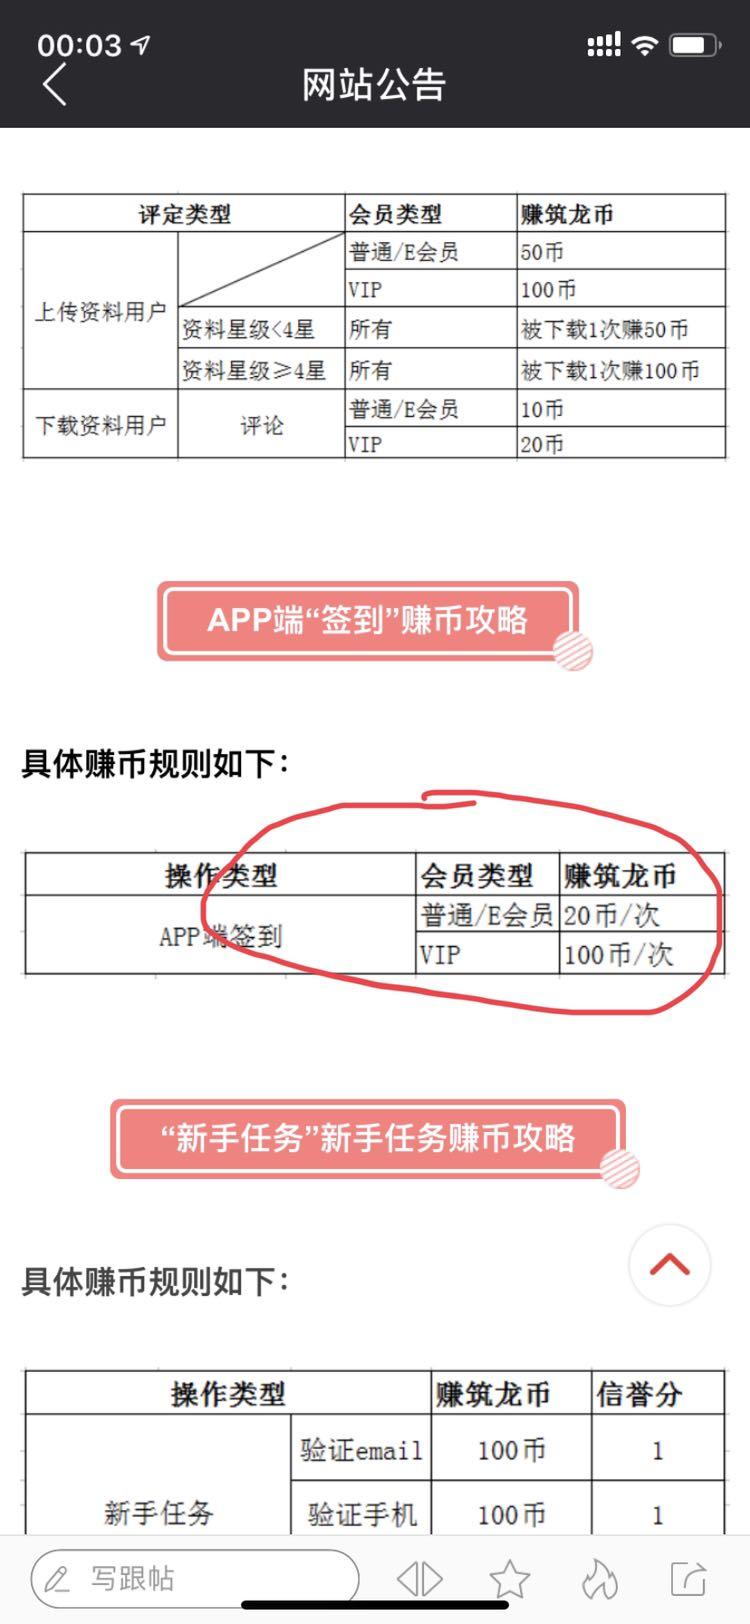 #筑龙学社意见反馈#版本1.5.4,iPhone,iOS12.1_1